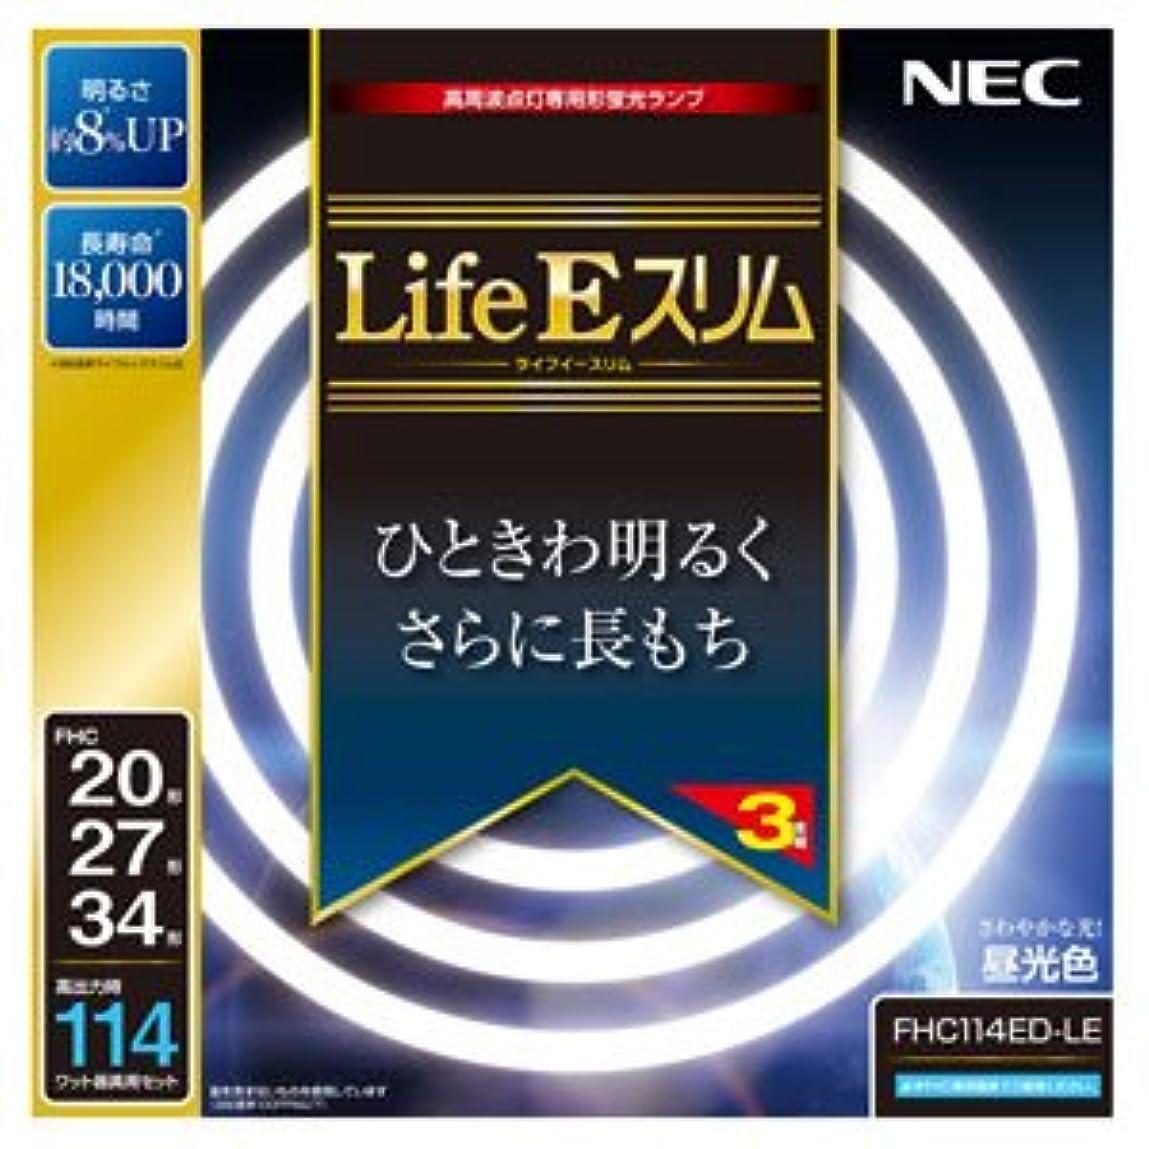 本気動かない円周NEC 丸形スリム蛍光灯(FHC) LifeEスリム 114W 20形+27形+34形パック品 昼光色 FHC114ED-LE